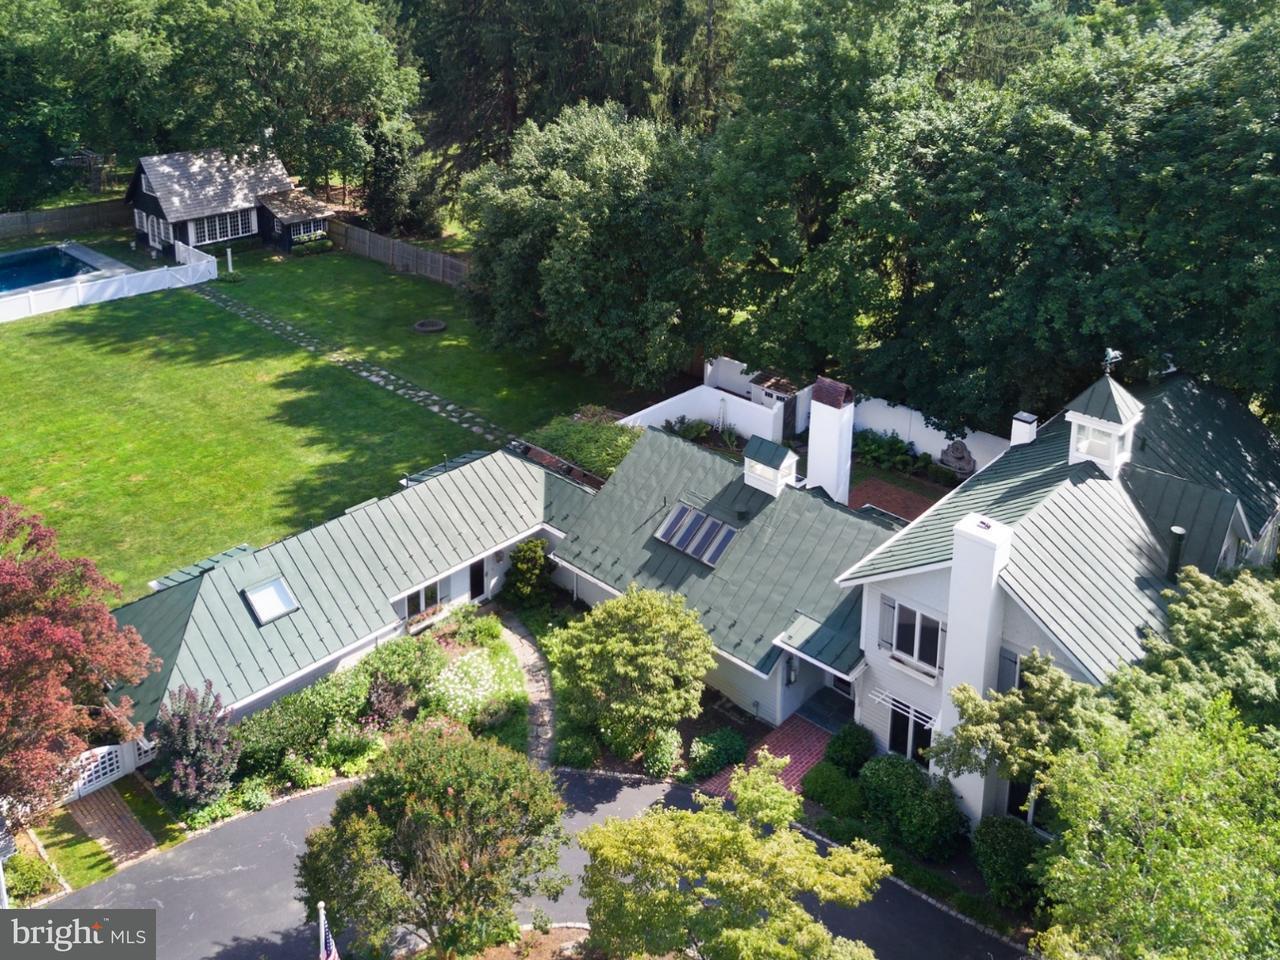 Maison unifamiliale pour l Vente à 206 SUGARTOWN Road Devon, Pennsylvanie 19333 États-Unis